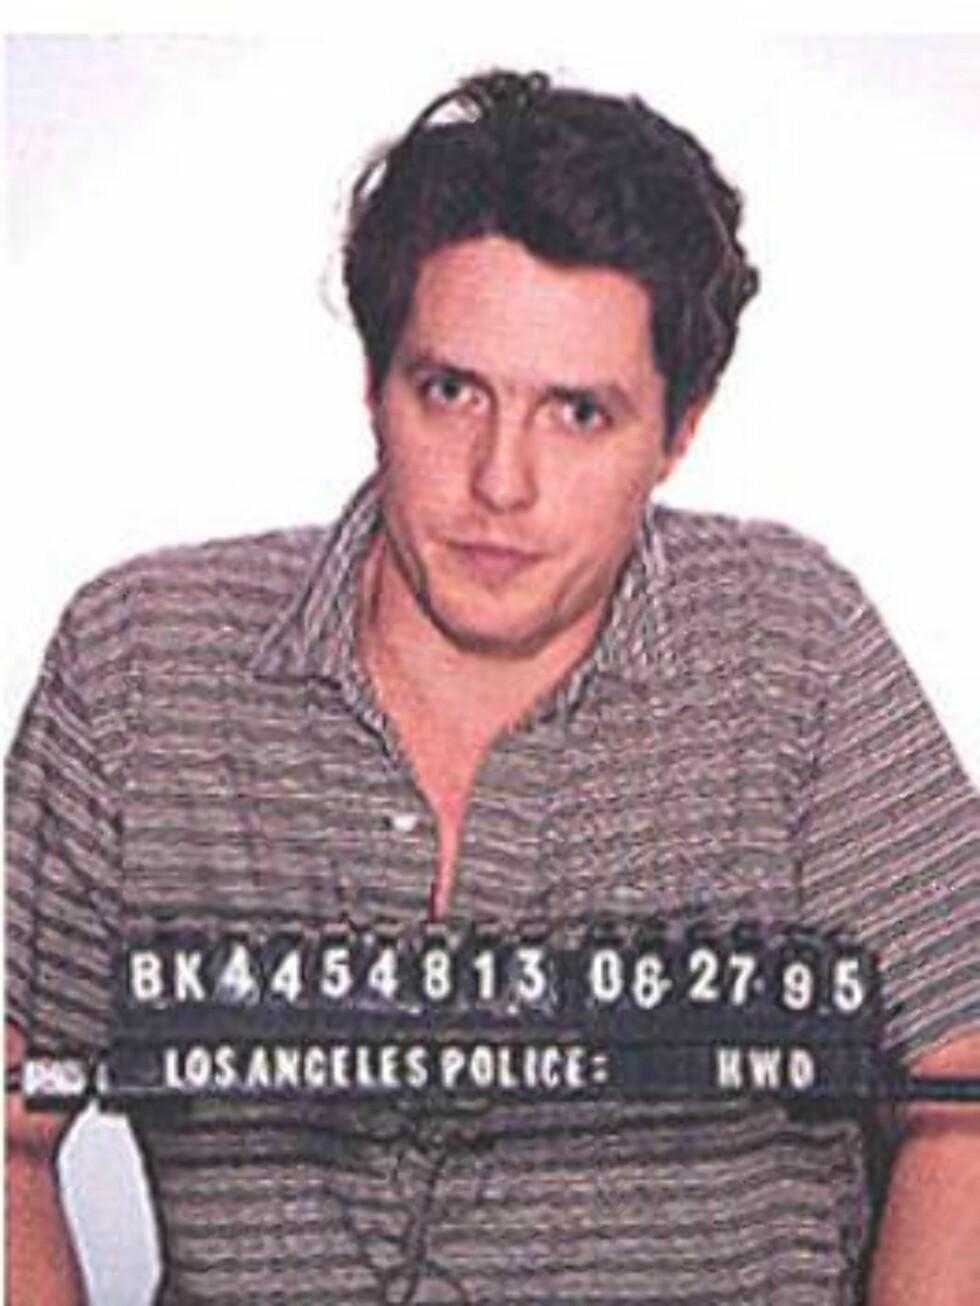 HOREKUNDE: Hugh Grant overrasket alle da han ble tatt på fersk gjerning med prostituerte Divine Brown i 1995. High var da kjæreste med Liz Hurley. Foto: Amerikansk politi